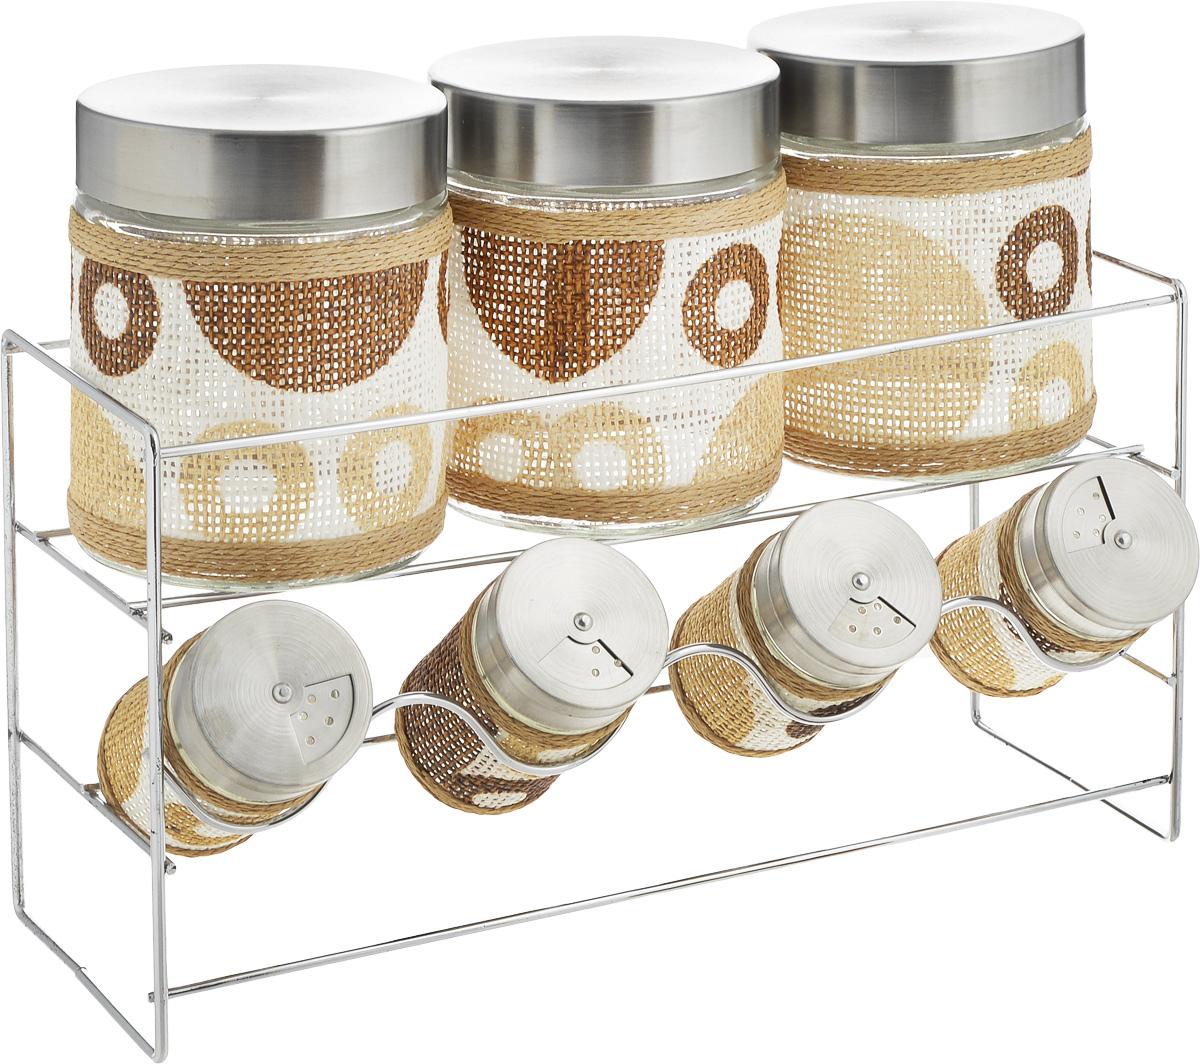 Набор банок для сыпучих продуктов и специй Patricia Круги, с подставкой, 8 предметов. IM99-3906FA-5125 WhiteНабор Patricia Круги состоит из 4 банок для специй и 3 для сыпучих продуктов. Банки выполнены из высококачественного стекла и декорированы оригинальной вставкой. Крышки, выполненные из металла, плотно закрываются и предотвращают высыпание специй. Имеются регулируемые отверстия, с помощью которых можно обильно или слегка приправить блюдо. Баночки идеально подойдут для соли, перца и других специй. Изделия размещаются на специальной подставке. Оригинальный набор эффектно украсит интерьер кухни, а также станет незаменимым помощником в приготовлении ваших любимых блюд. С таким набором специи надолго сохранят свежесть, аромат и пряный вкус. Не рекомендуется мыть в посудомоечной машине и использовать в микроволновой печи. Высота баночек (с учетом крышек): 8,5 см, 12,5 см. Диаметр баночек: 3,5 см, 8 см. Размер подставки: 32 х 11 х 17 см.